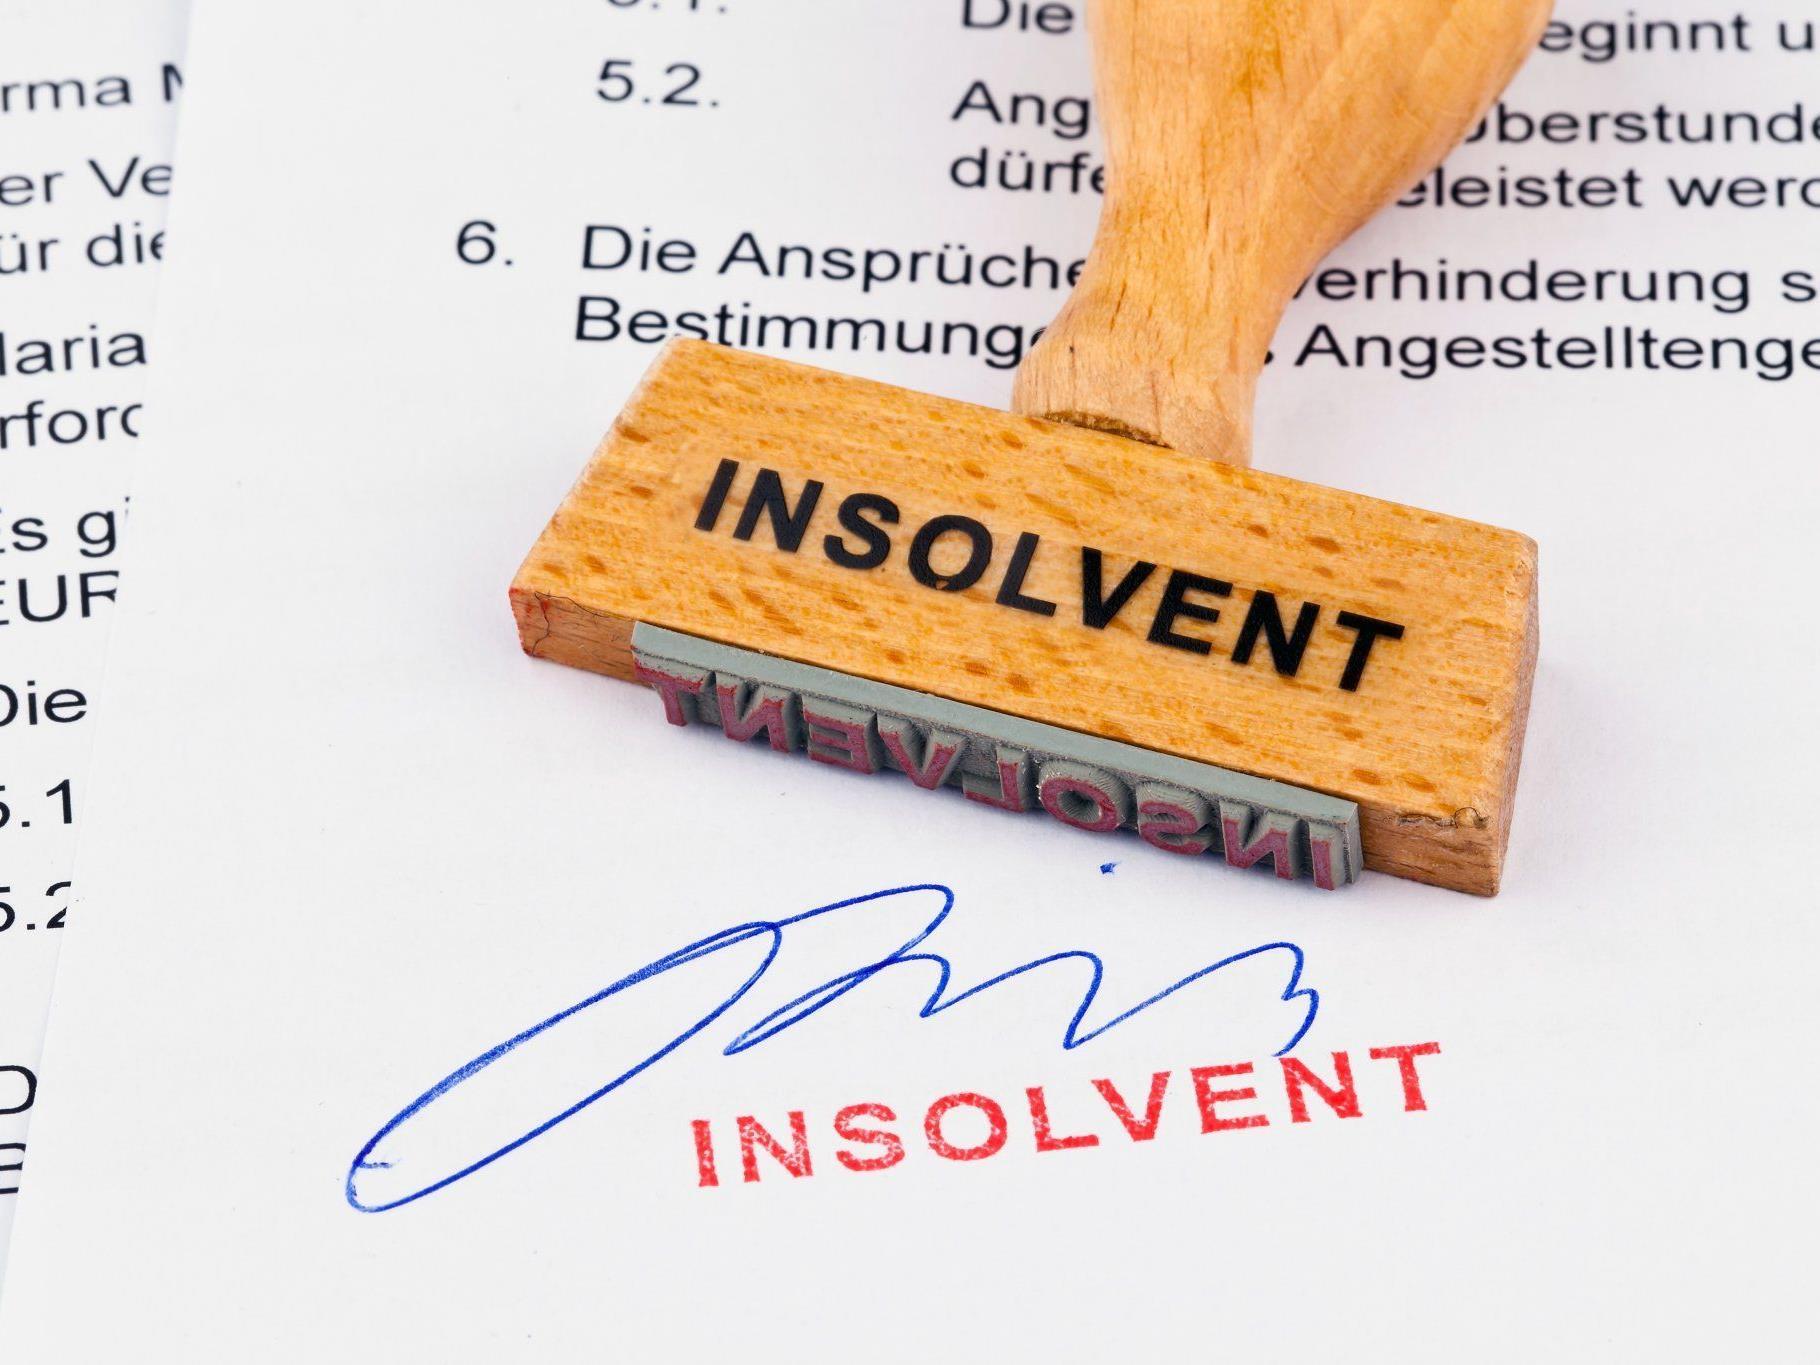 Privat- und Firmeninsolvenzen im 1. Quartal 2012 in Vorarlberg stark angestiegen.